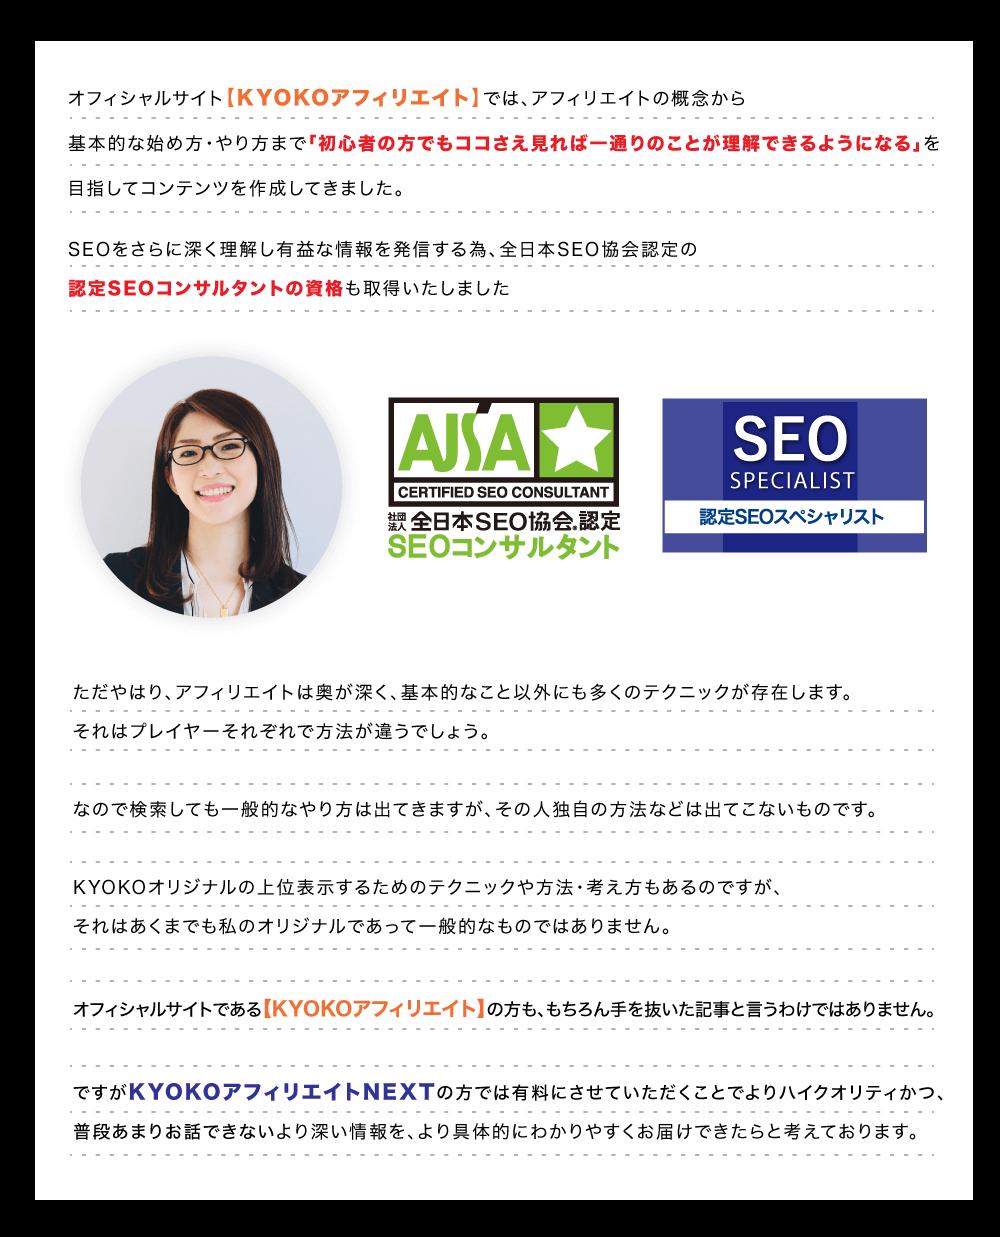 KYOKOメッセージ